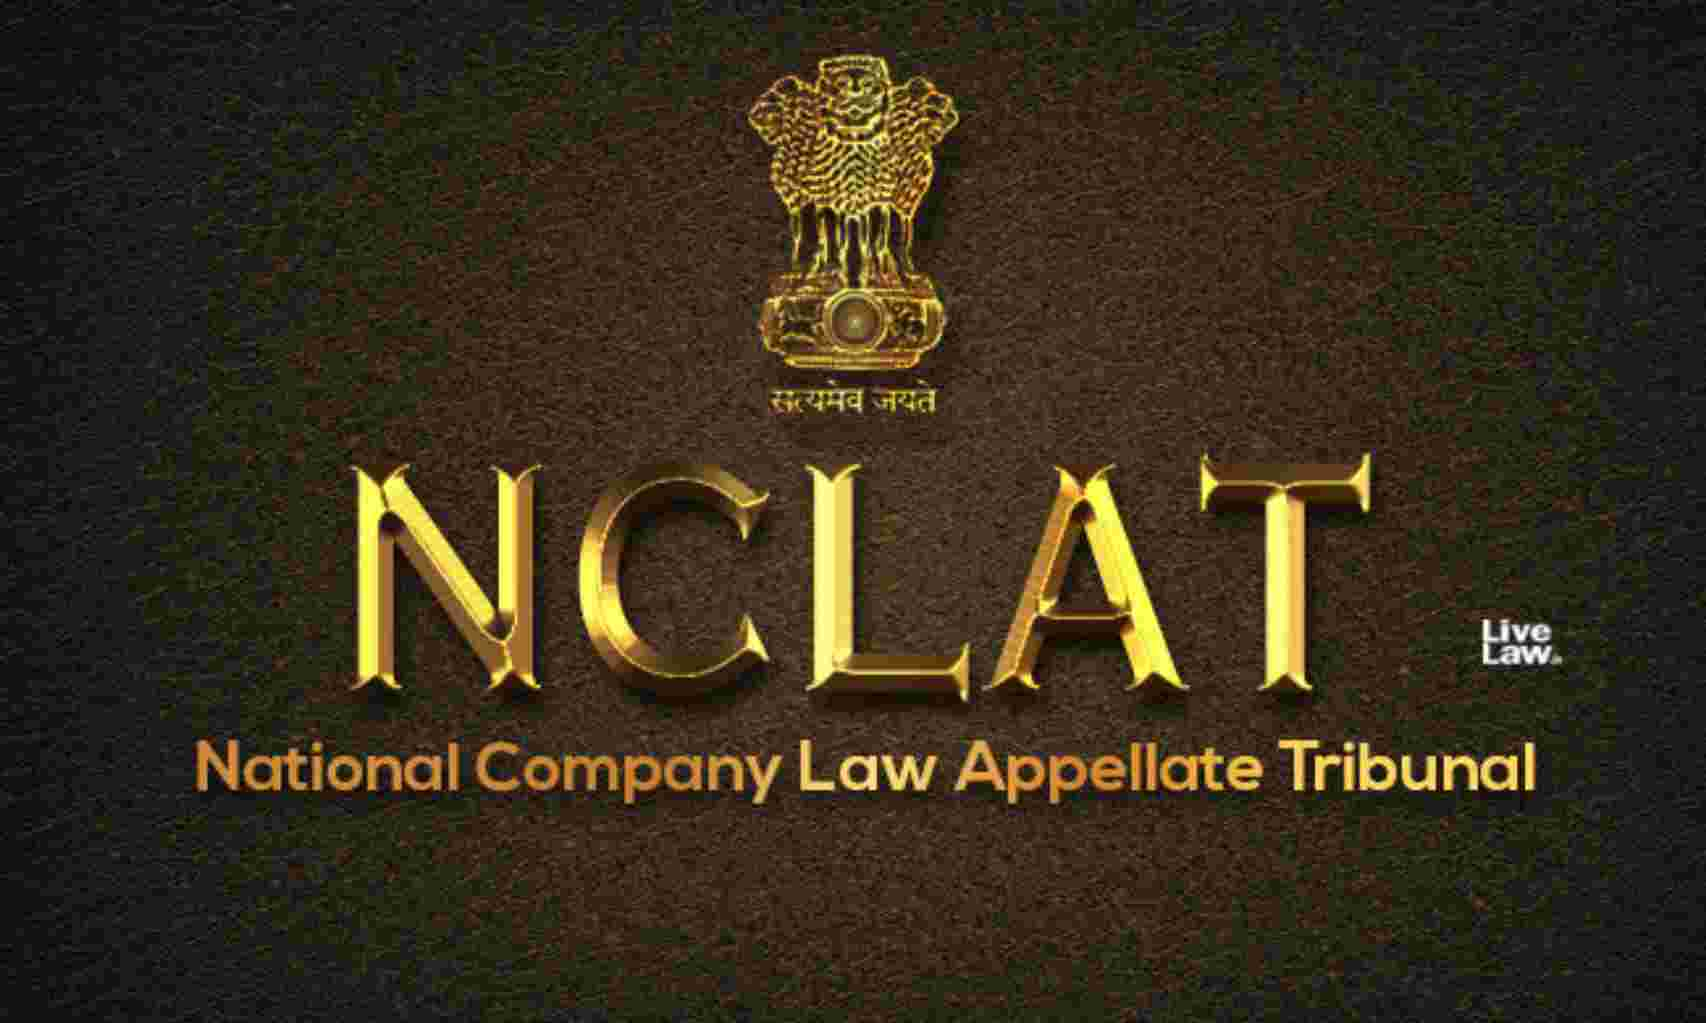 टाटा संस : रजिस्ट्रार ऑफ कंपनीज़ की  प्रतिकूल टिप्पणियां वापस लेने की याचिका NCLAT ने खारिज की